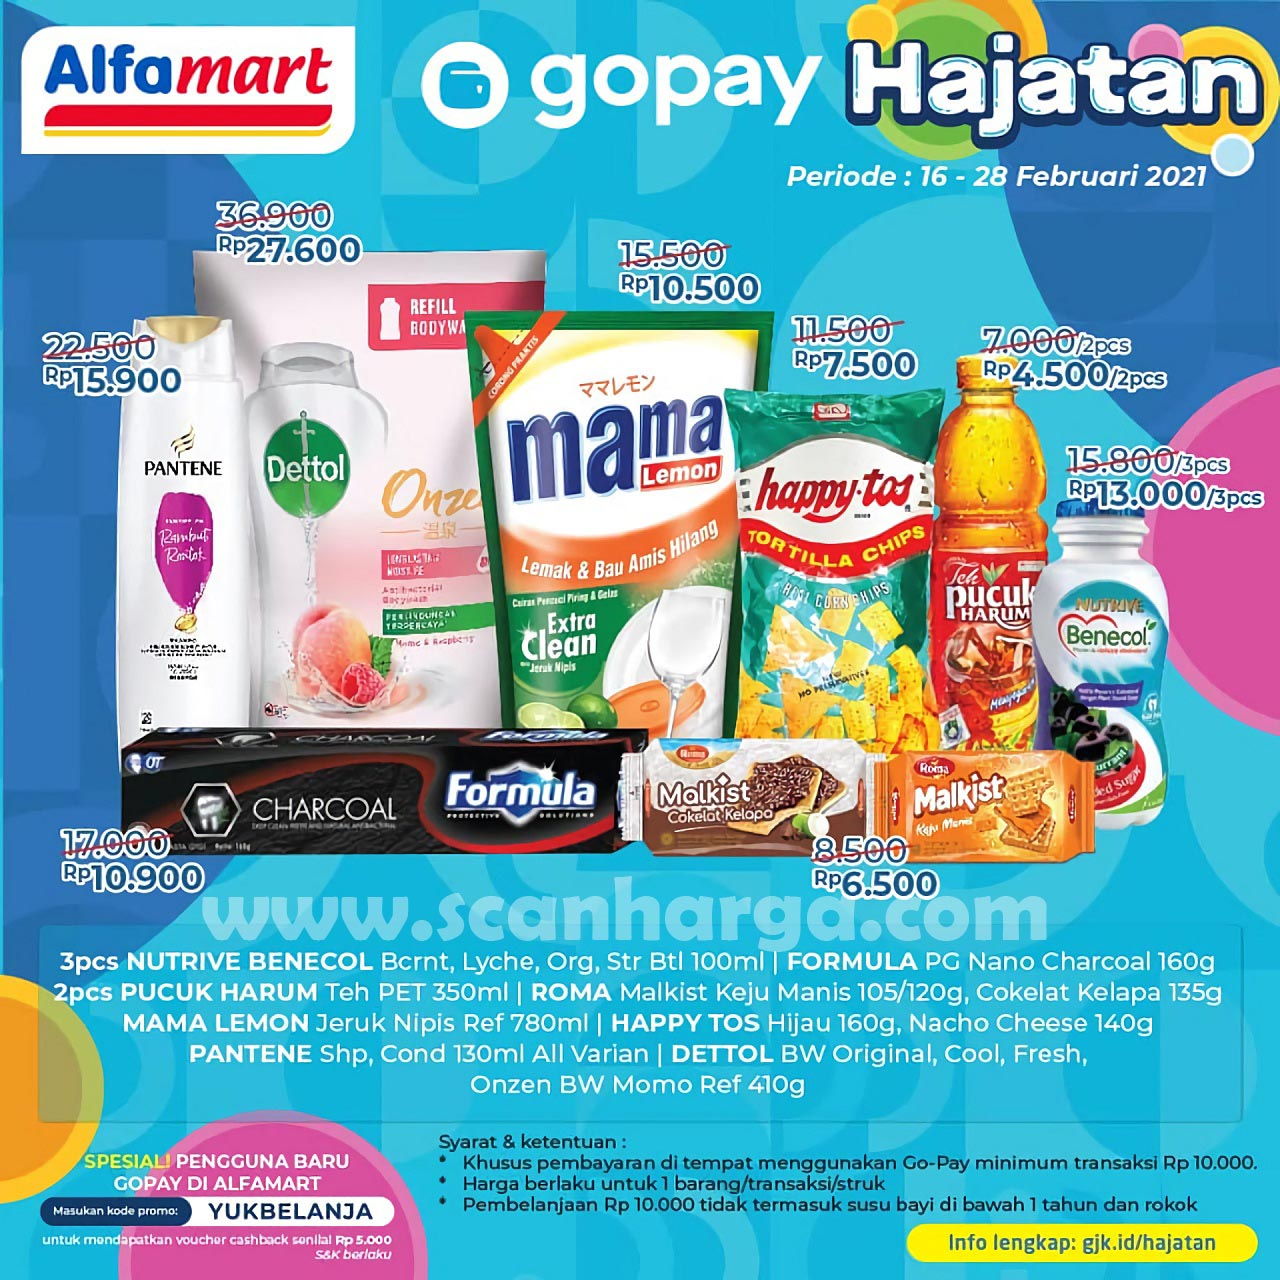 Promo Alfamart GoPay Hajatan 16 - 28 Februari 2021